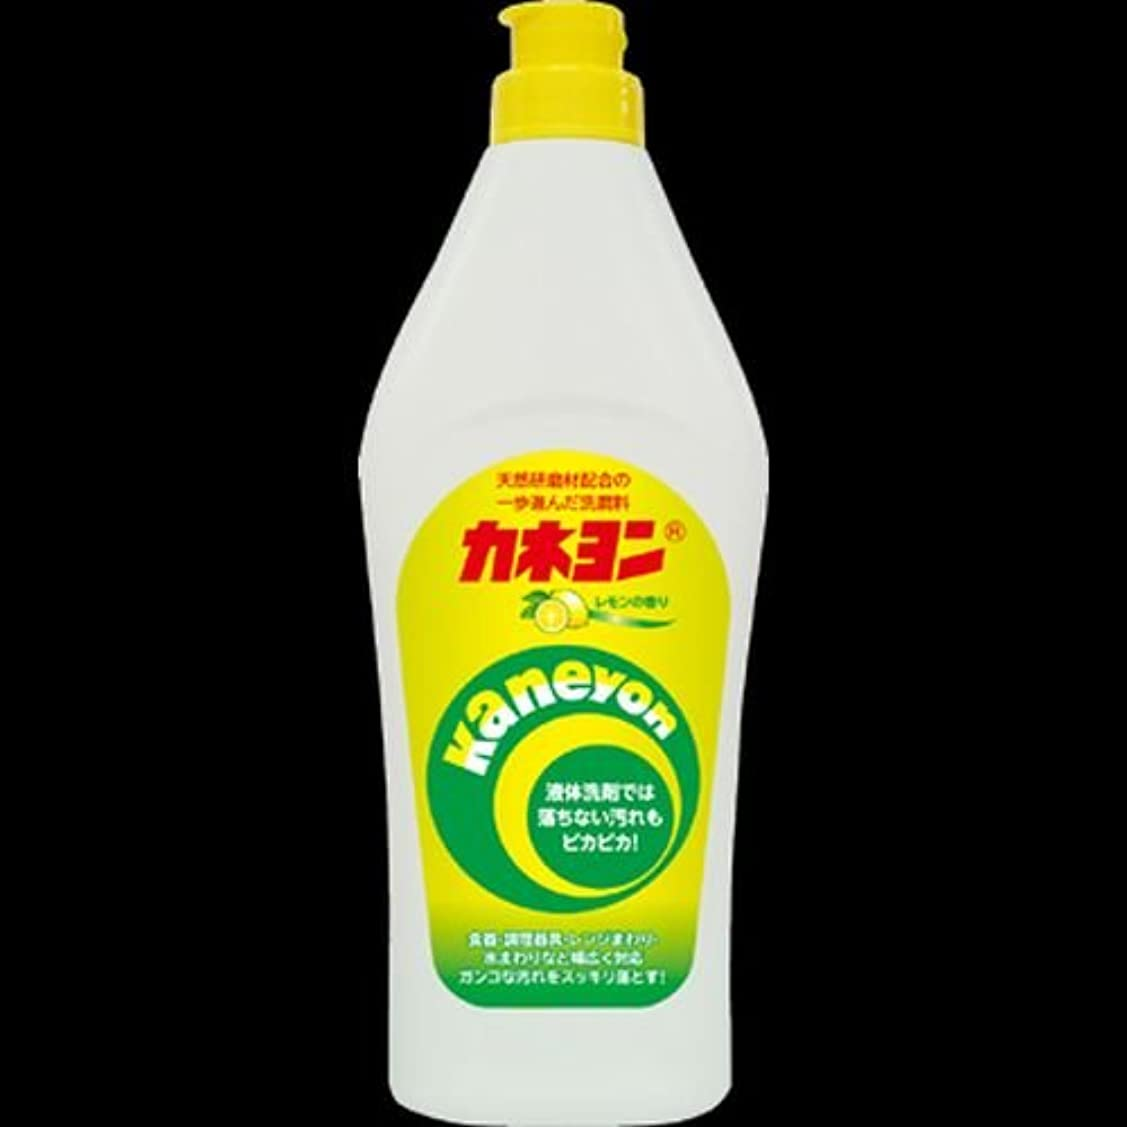 特定の模索スチュワーデス【まとめ買い】カネヨ石鹸 カネヨンレモン 550g ×2セット